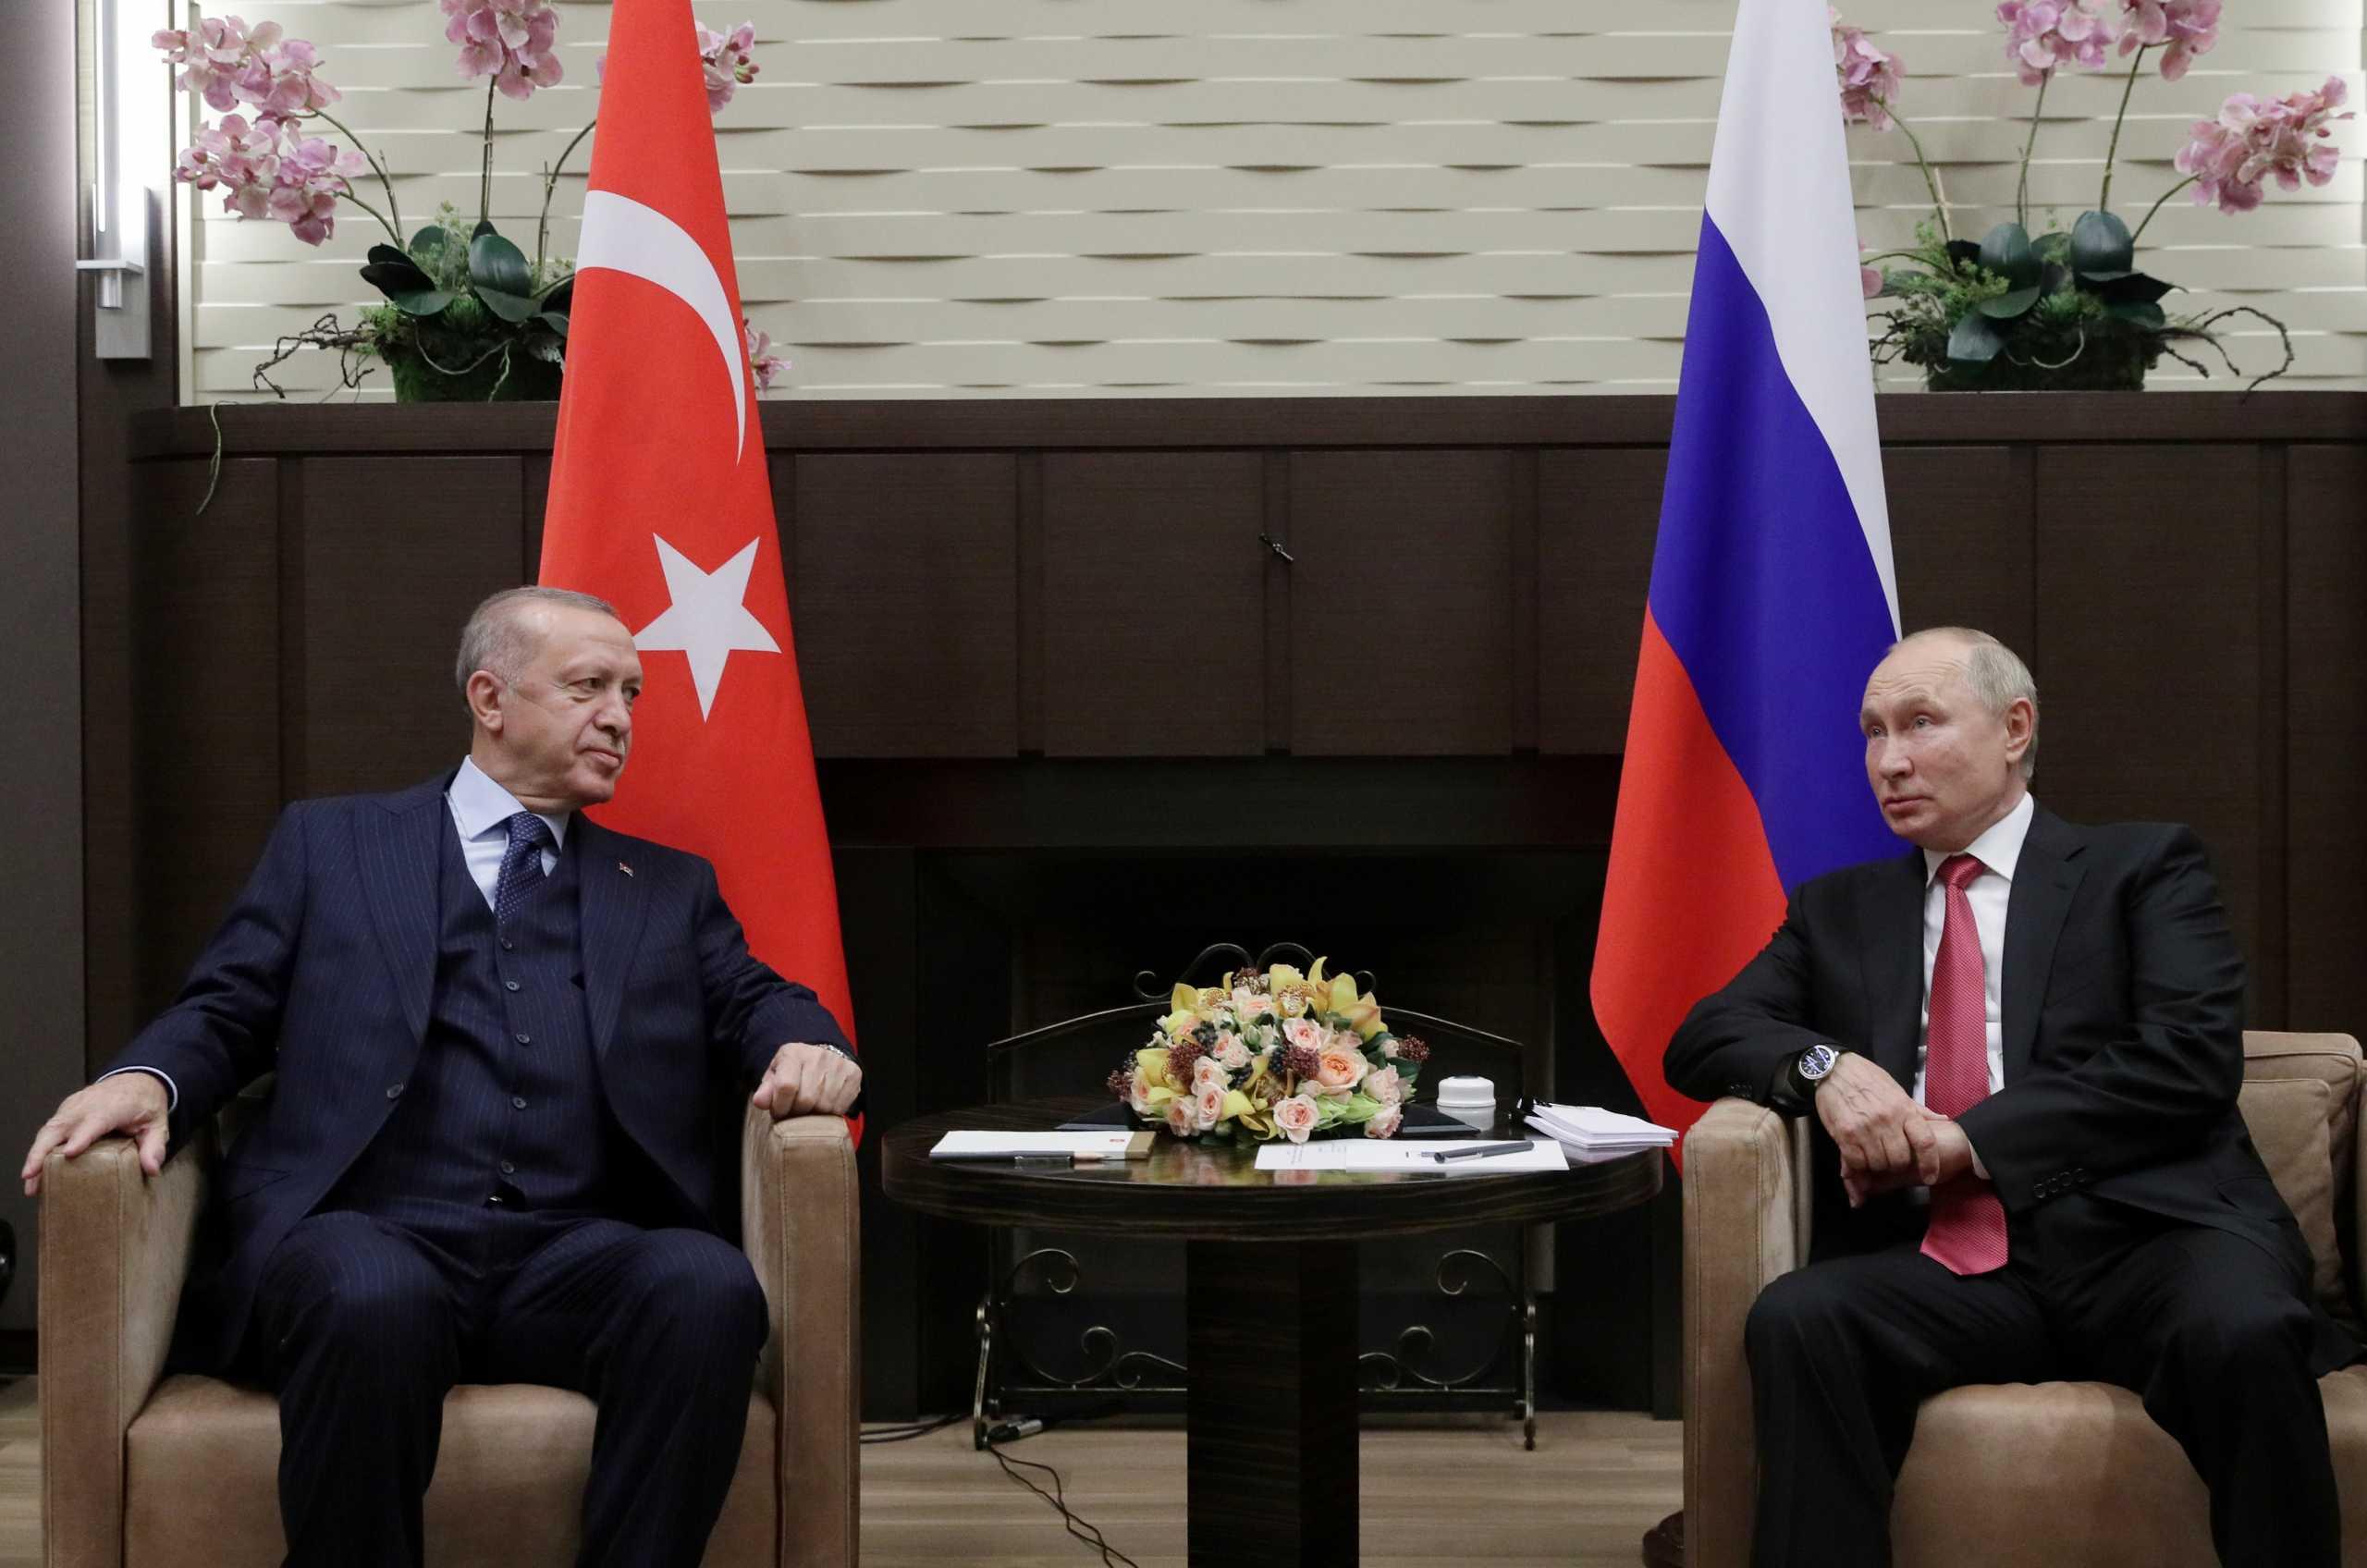 Βλαντίμιρ Πούτιν – Ταγίπ Ερντογάν: Επιμένει ο πρόεδρος της Τουρκίας για τους S-400